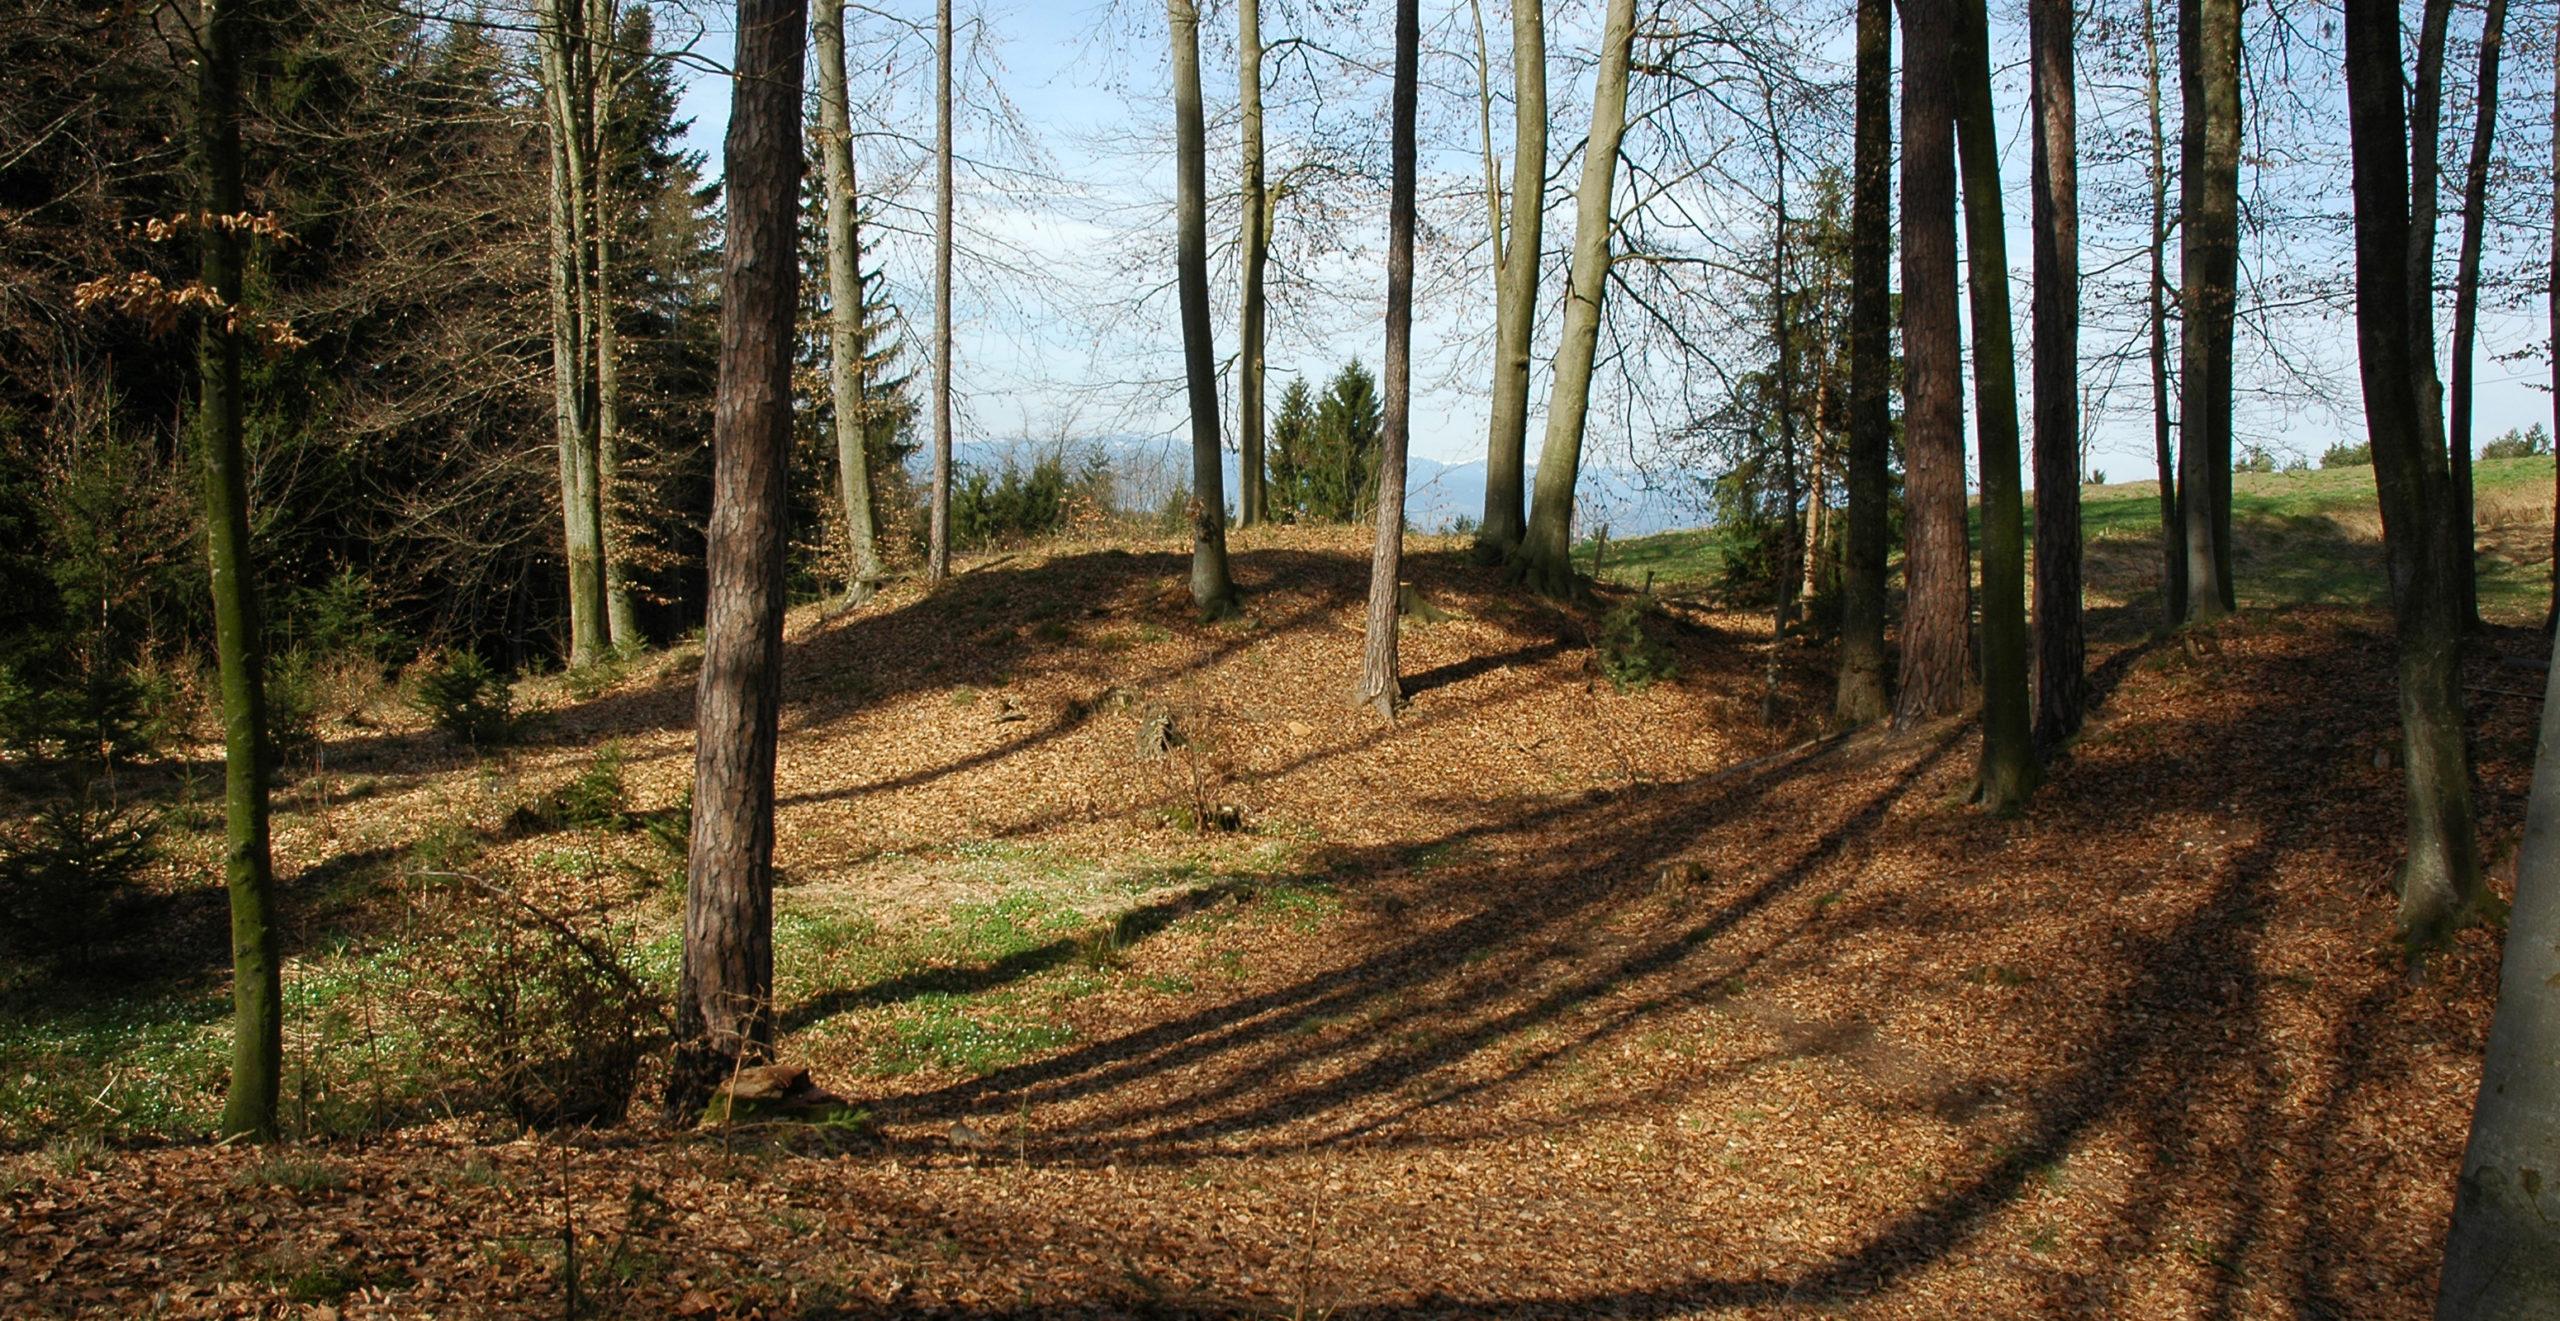 Foto der Hügelgräber am Wanderweg in Goldes.